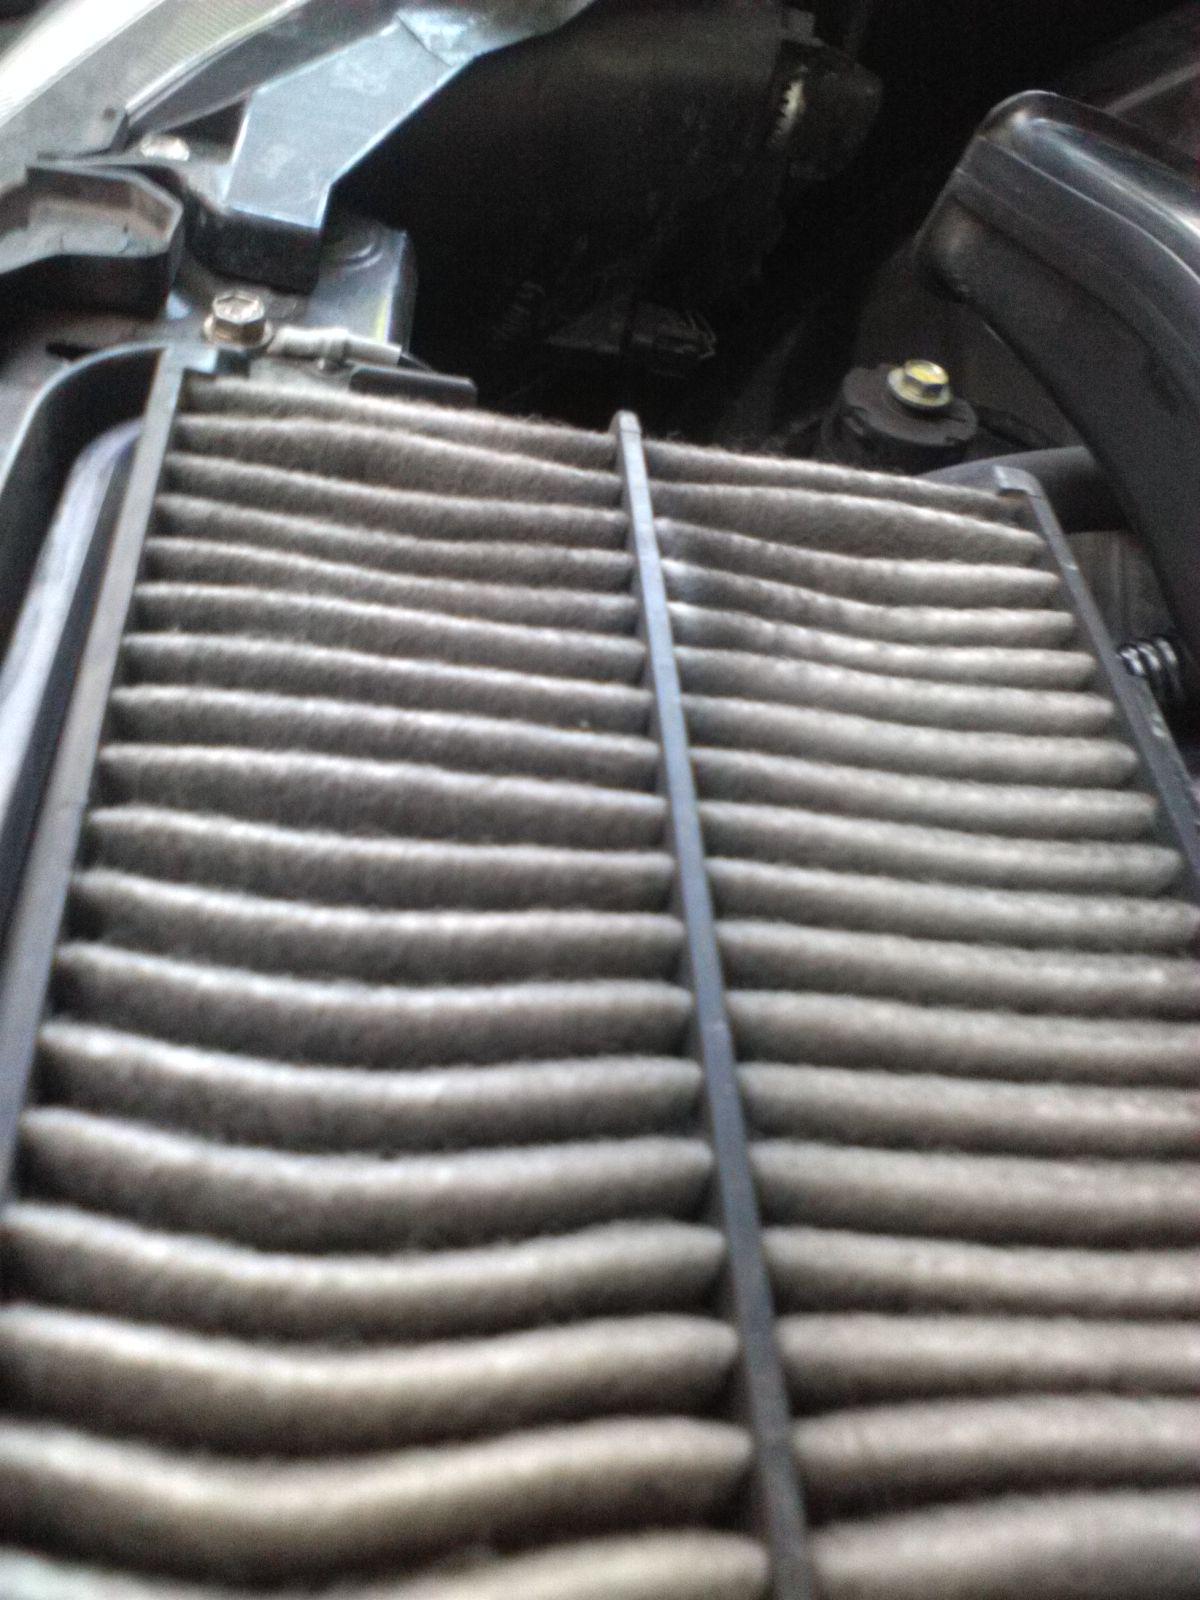 Ini Alasan Mengapa Pakai Filter Racing Untuk Harian Itu Ide Ngawur Udara Agya Ayla Ori Dan Merugikan Mengupas Soal Motor